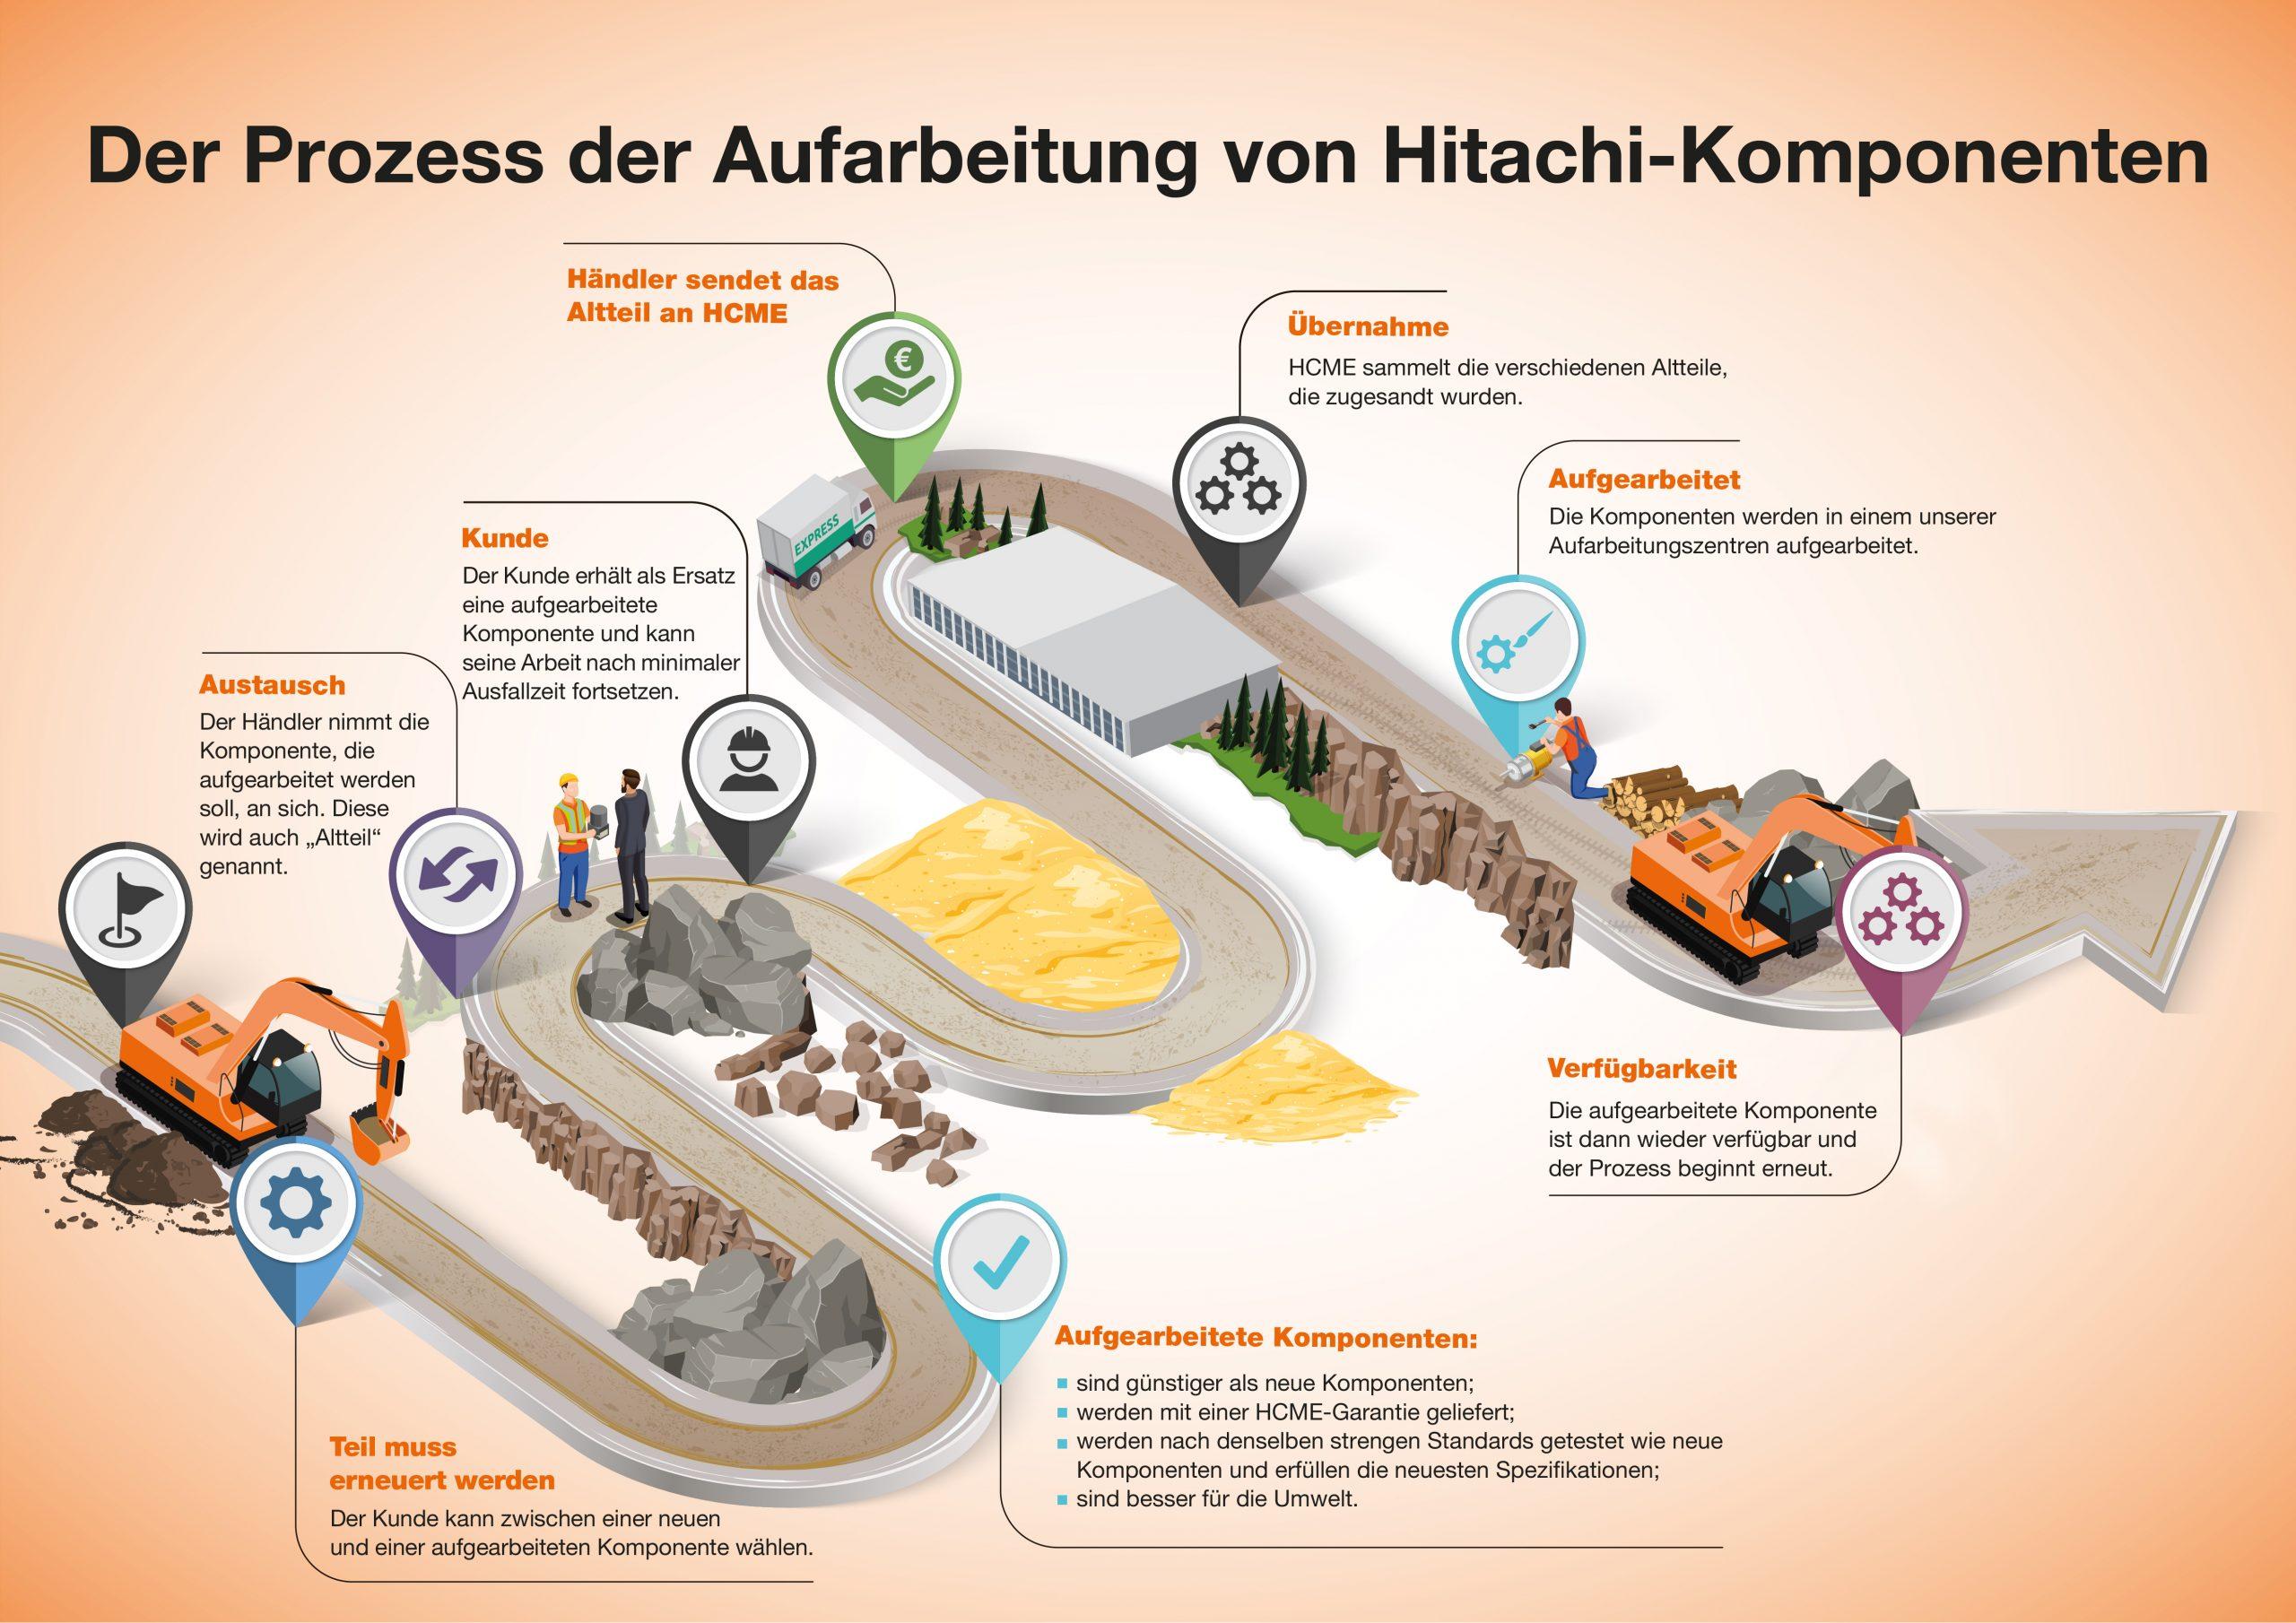 Prozess der Aufarbeitung von Hitachi-Komponenten